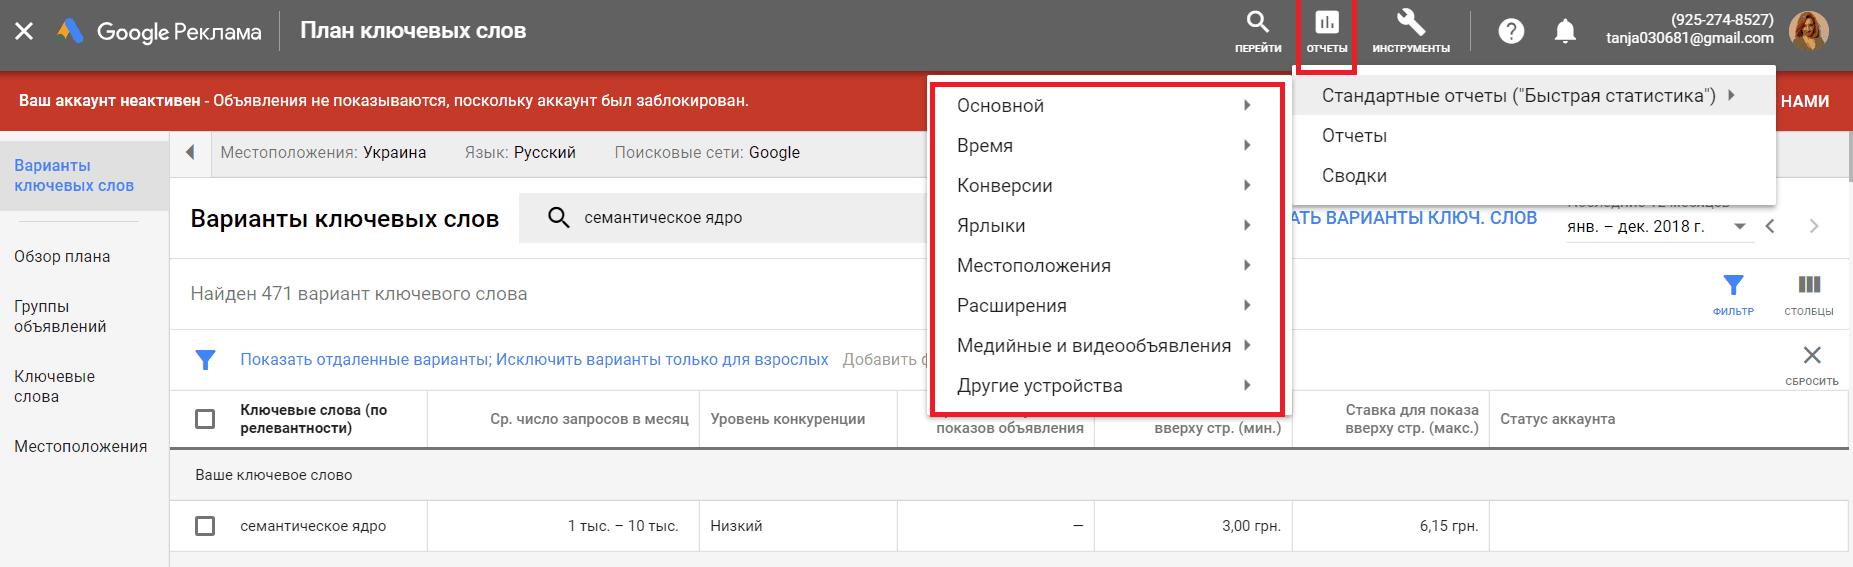 Семантическое ядро для сайта: создание СЯ Google Ads